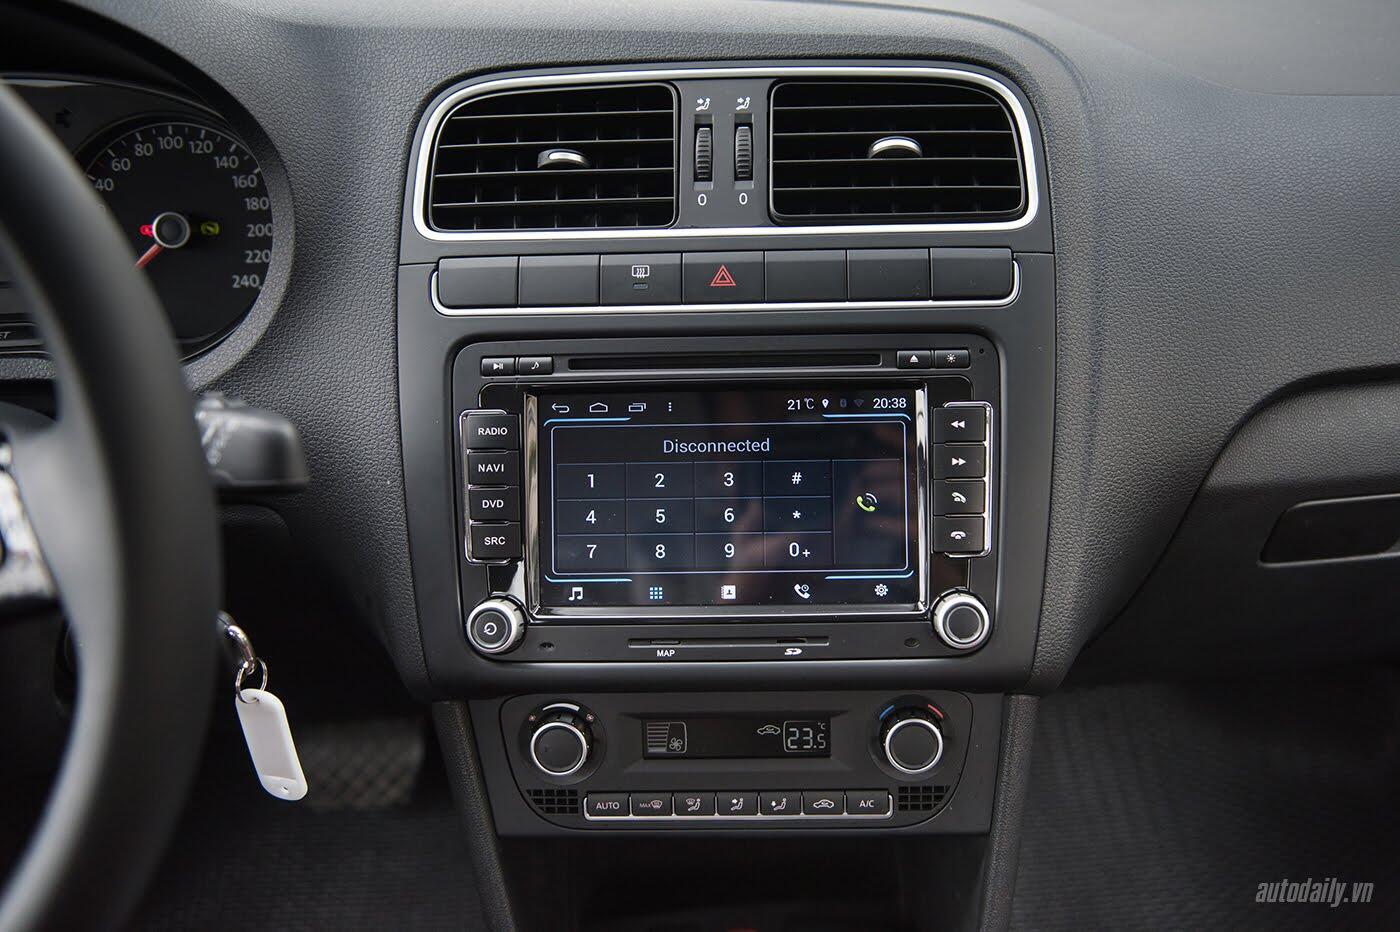 Đánh giá Volkswagen Polo hatchback 2016: Xe cho người thực dụng - Hình 9